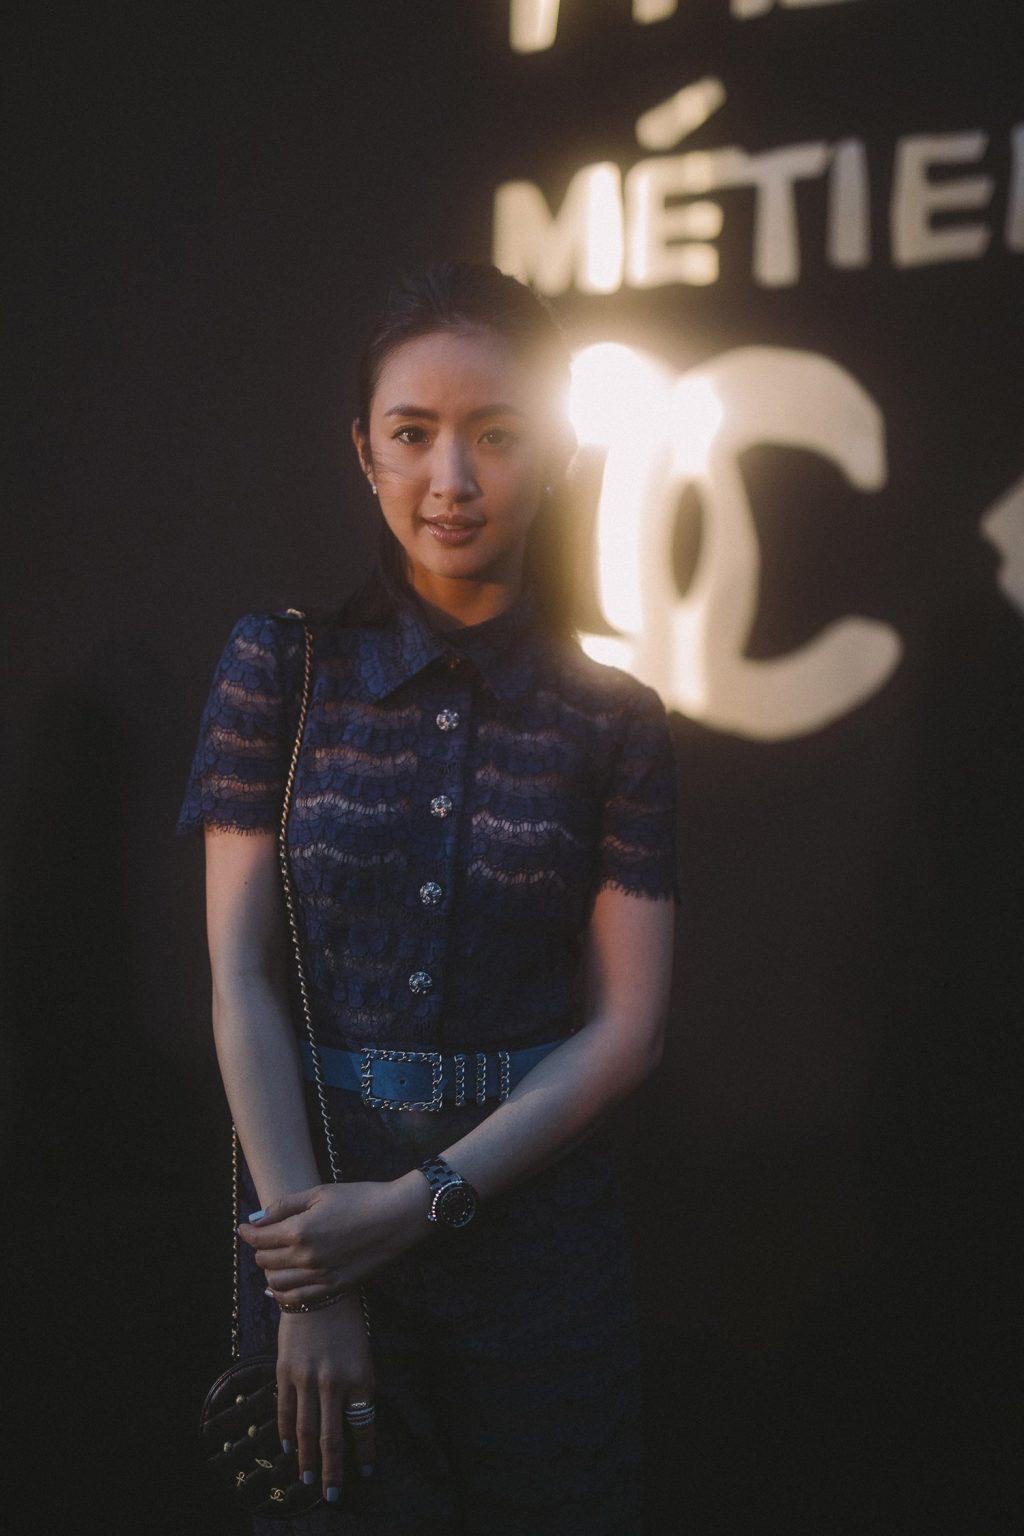 lâm y thần diện đồ chanel tại buổi trình diễn bst métiers d'art ở seoul